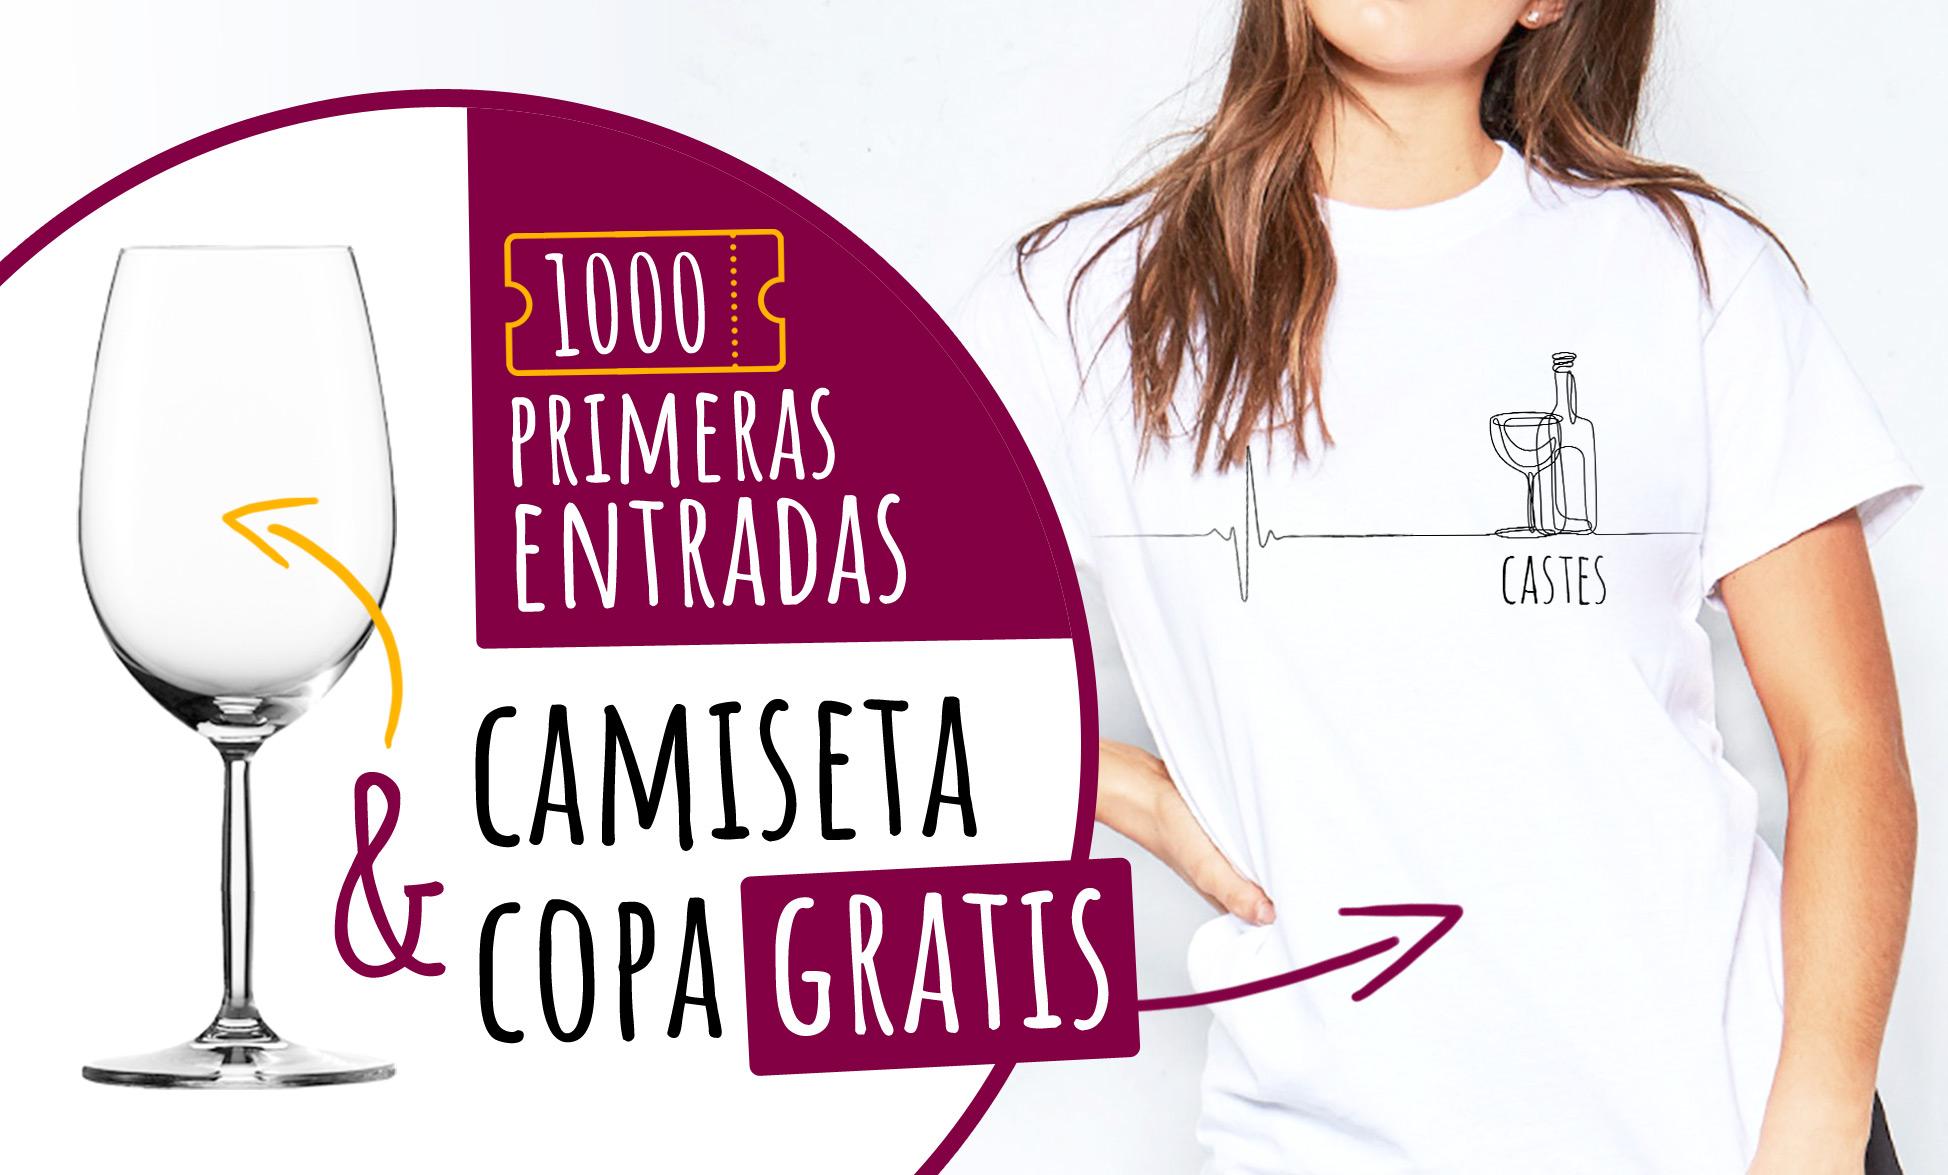 Las 1000 primeras entradas recibiran una camiseta personalizada con el logotipo de castes y una copa del evento totalmente gratis!